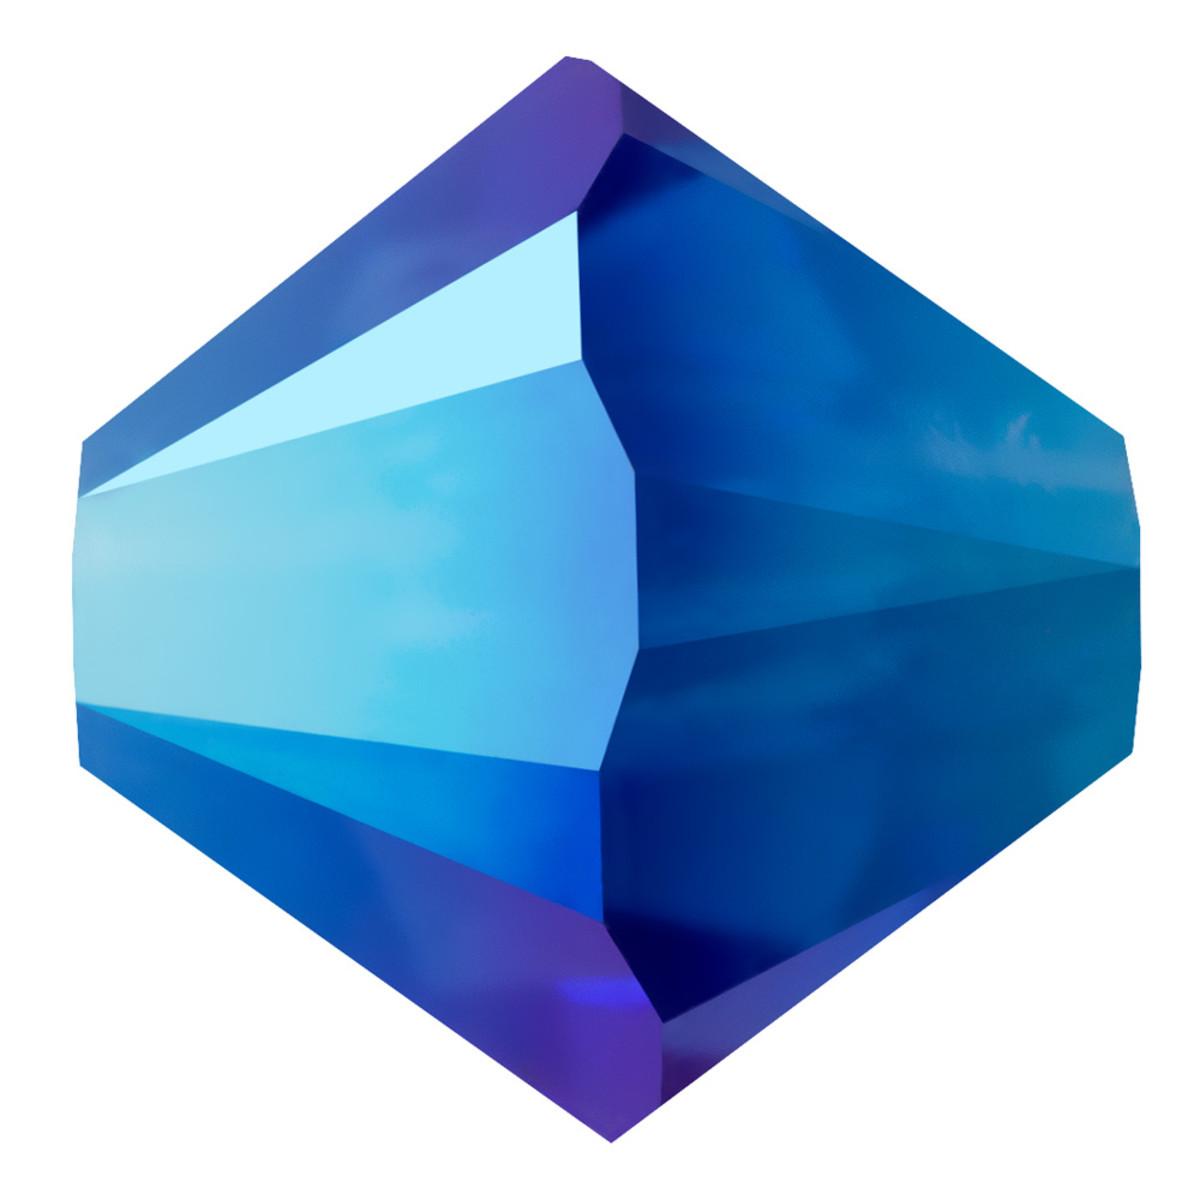 Swarovski Elements Perlen Bicones 3mm Majestic Blue AB2X beschichtet 100 Stück